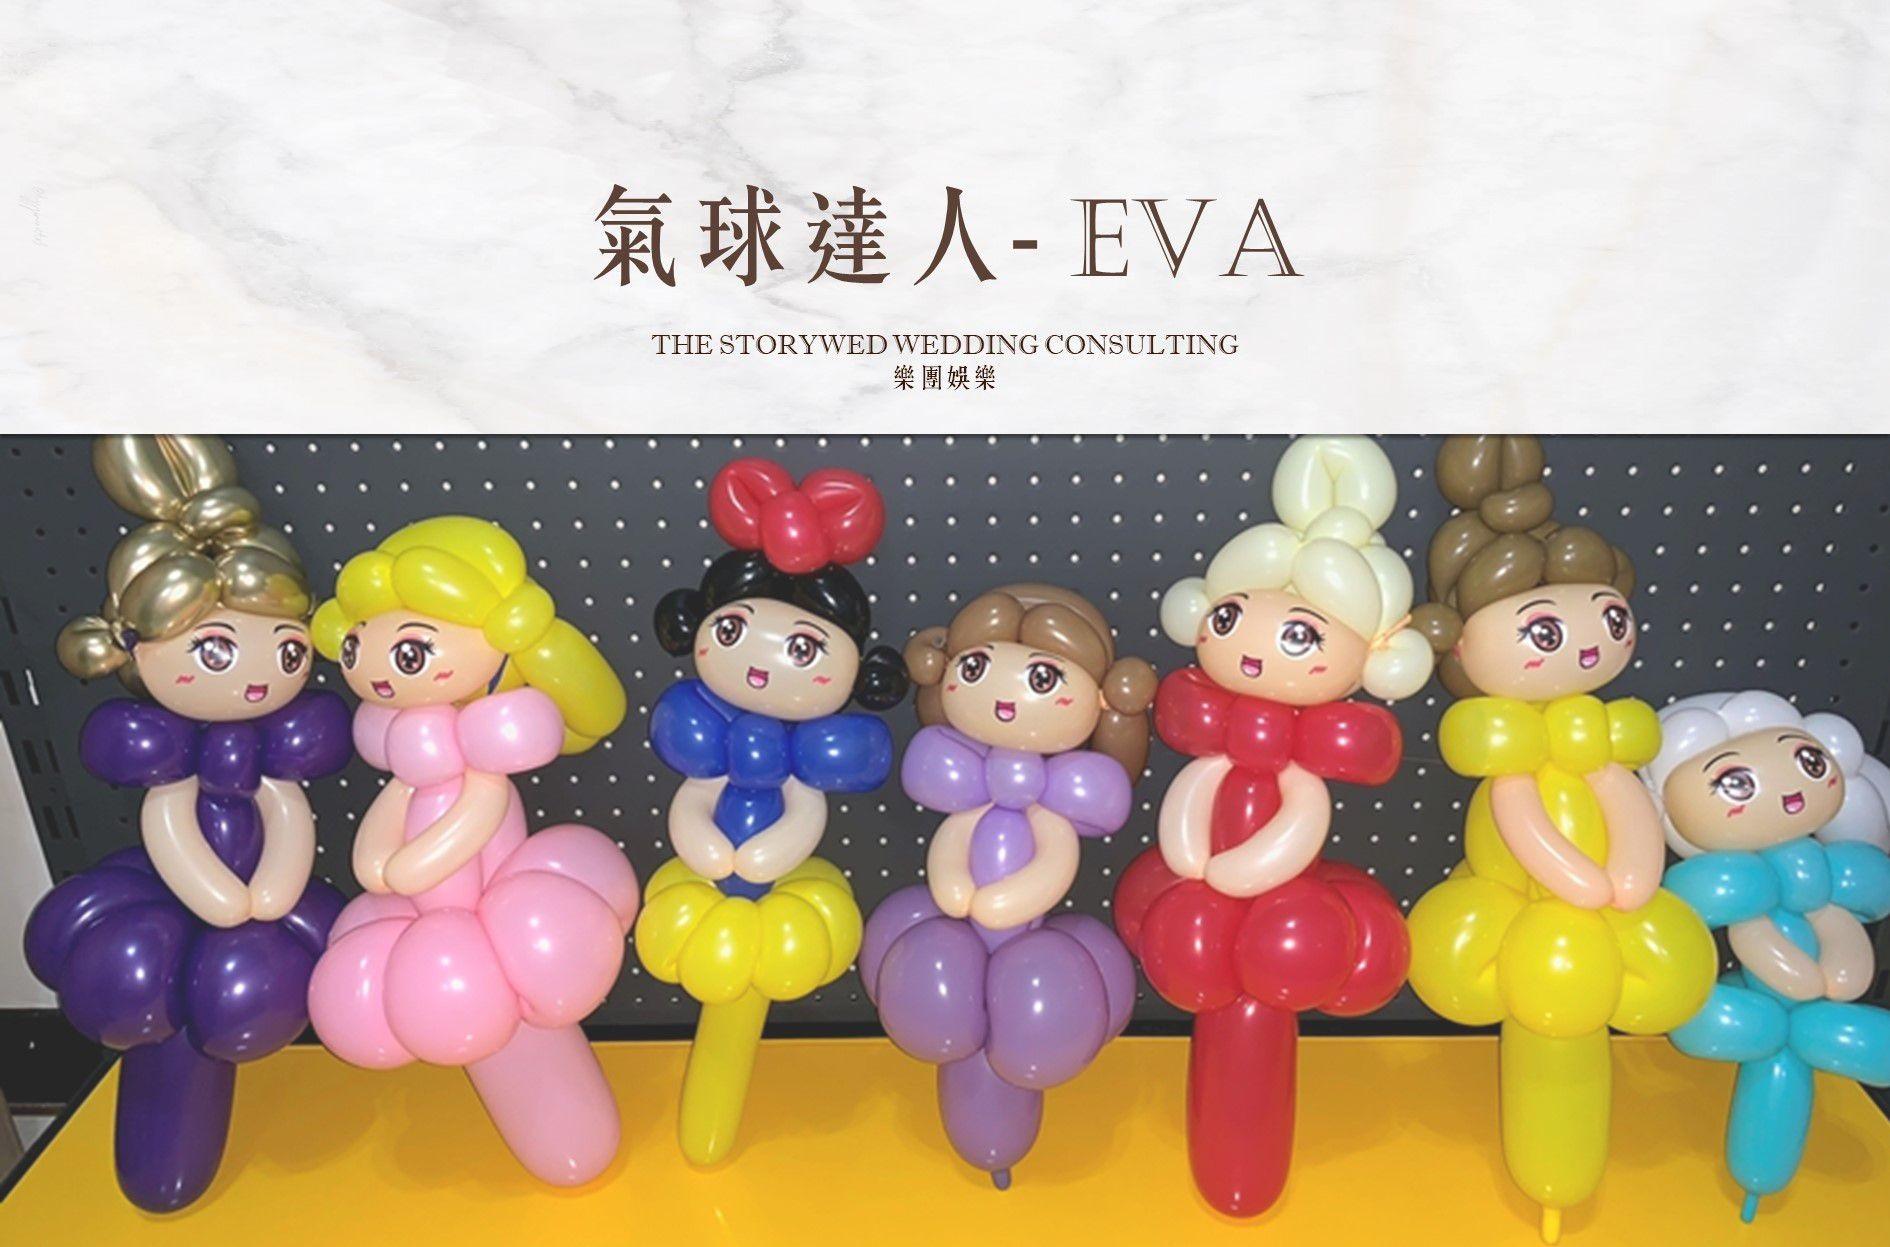 〖互動娛樂〗氣球達人 - EVA